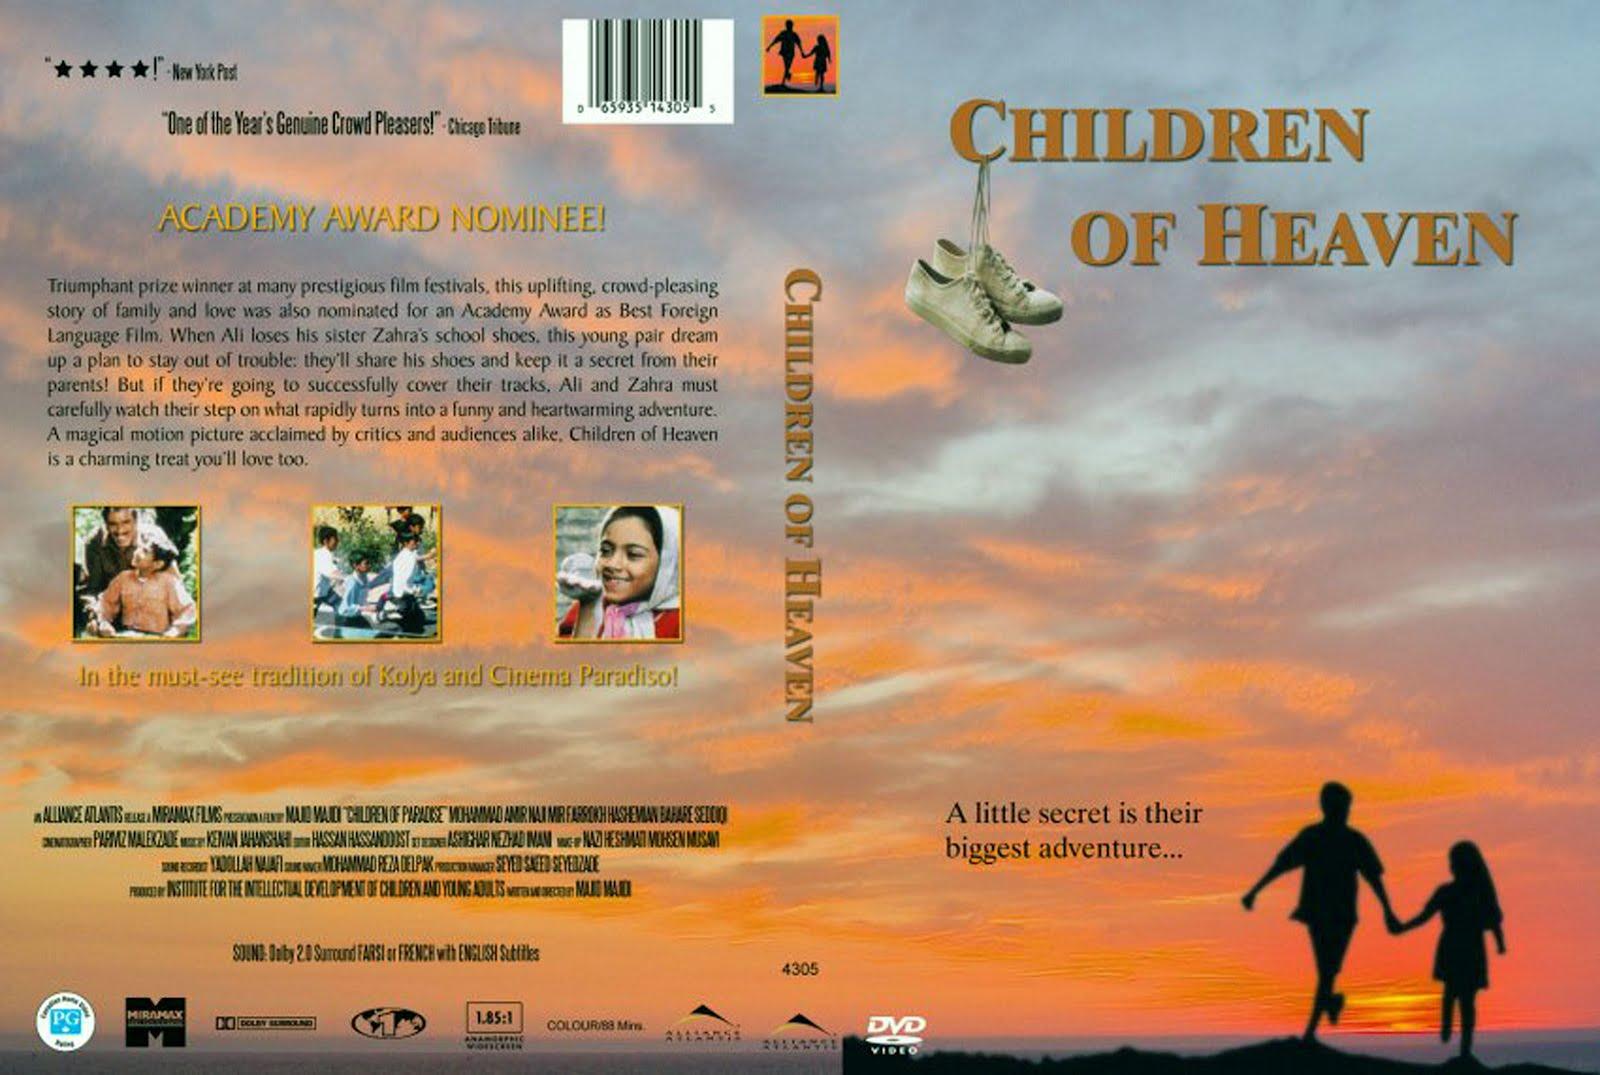 Children of Heaven Dvd Cover Art